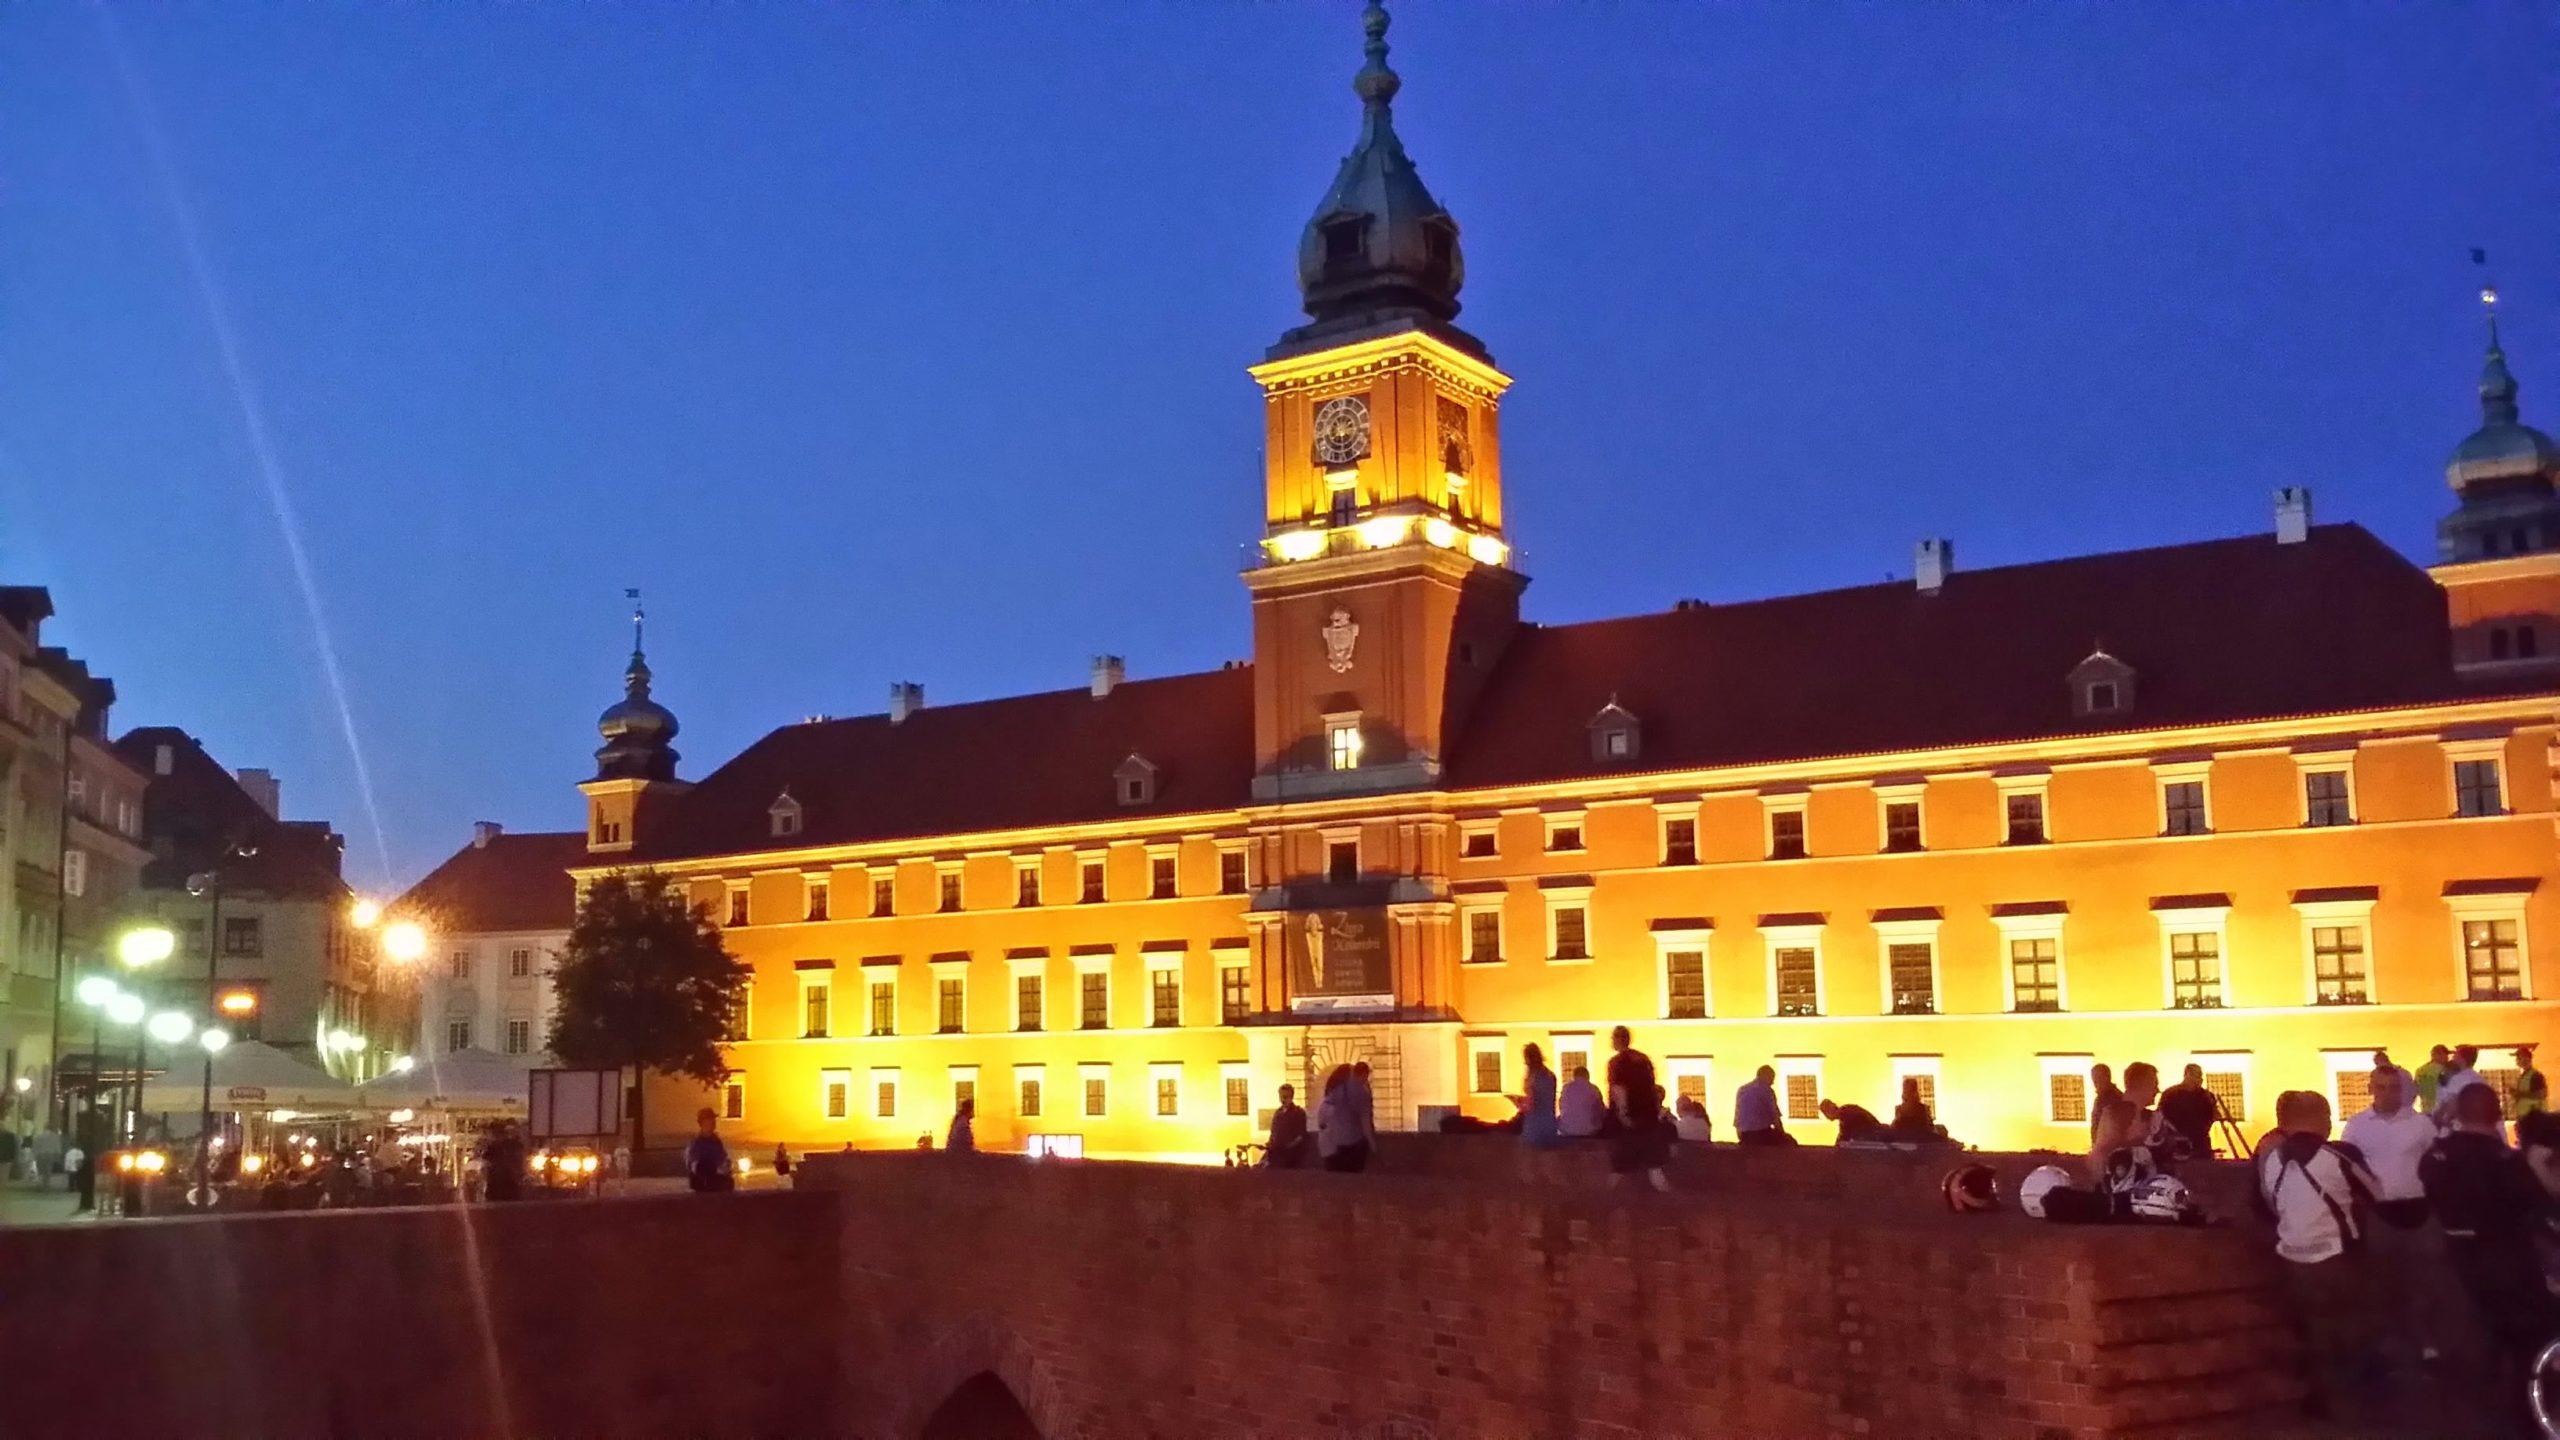 Zamek Królewski w Warszawie [wirtualny spacer]